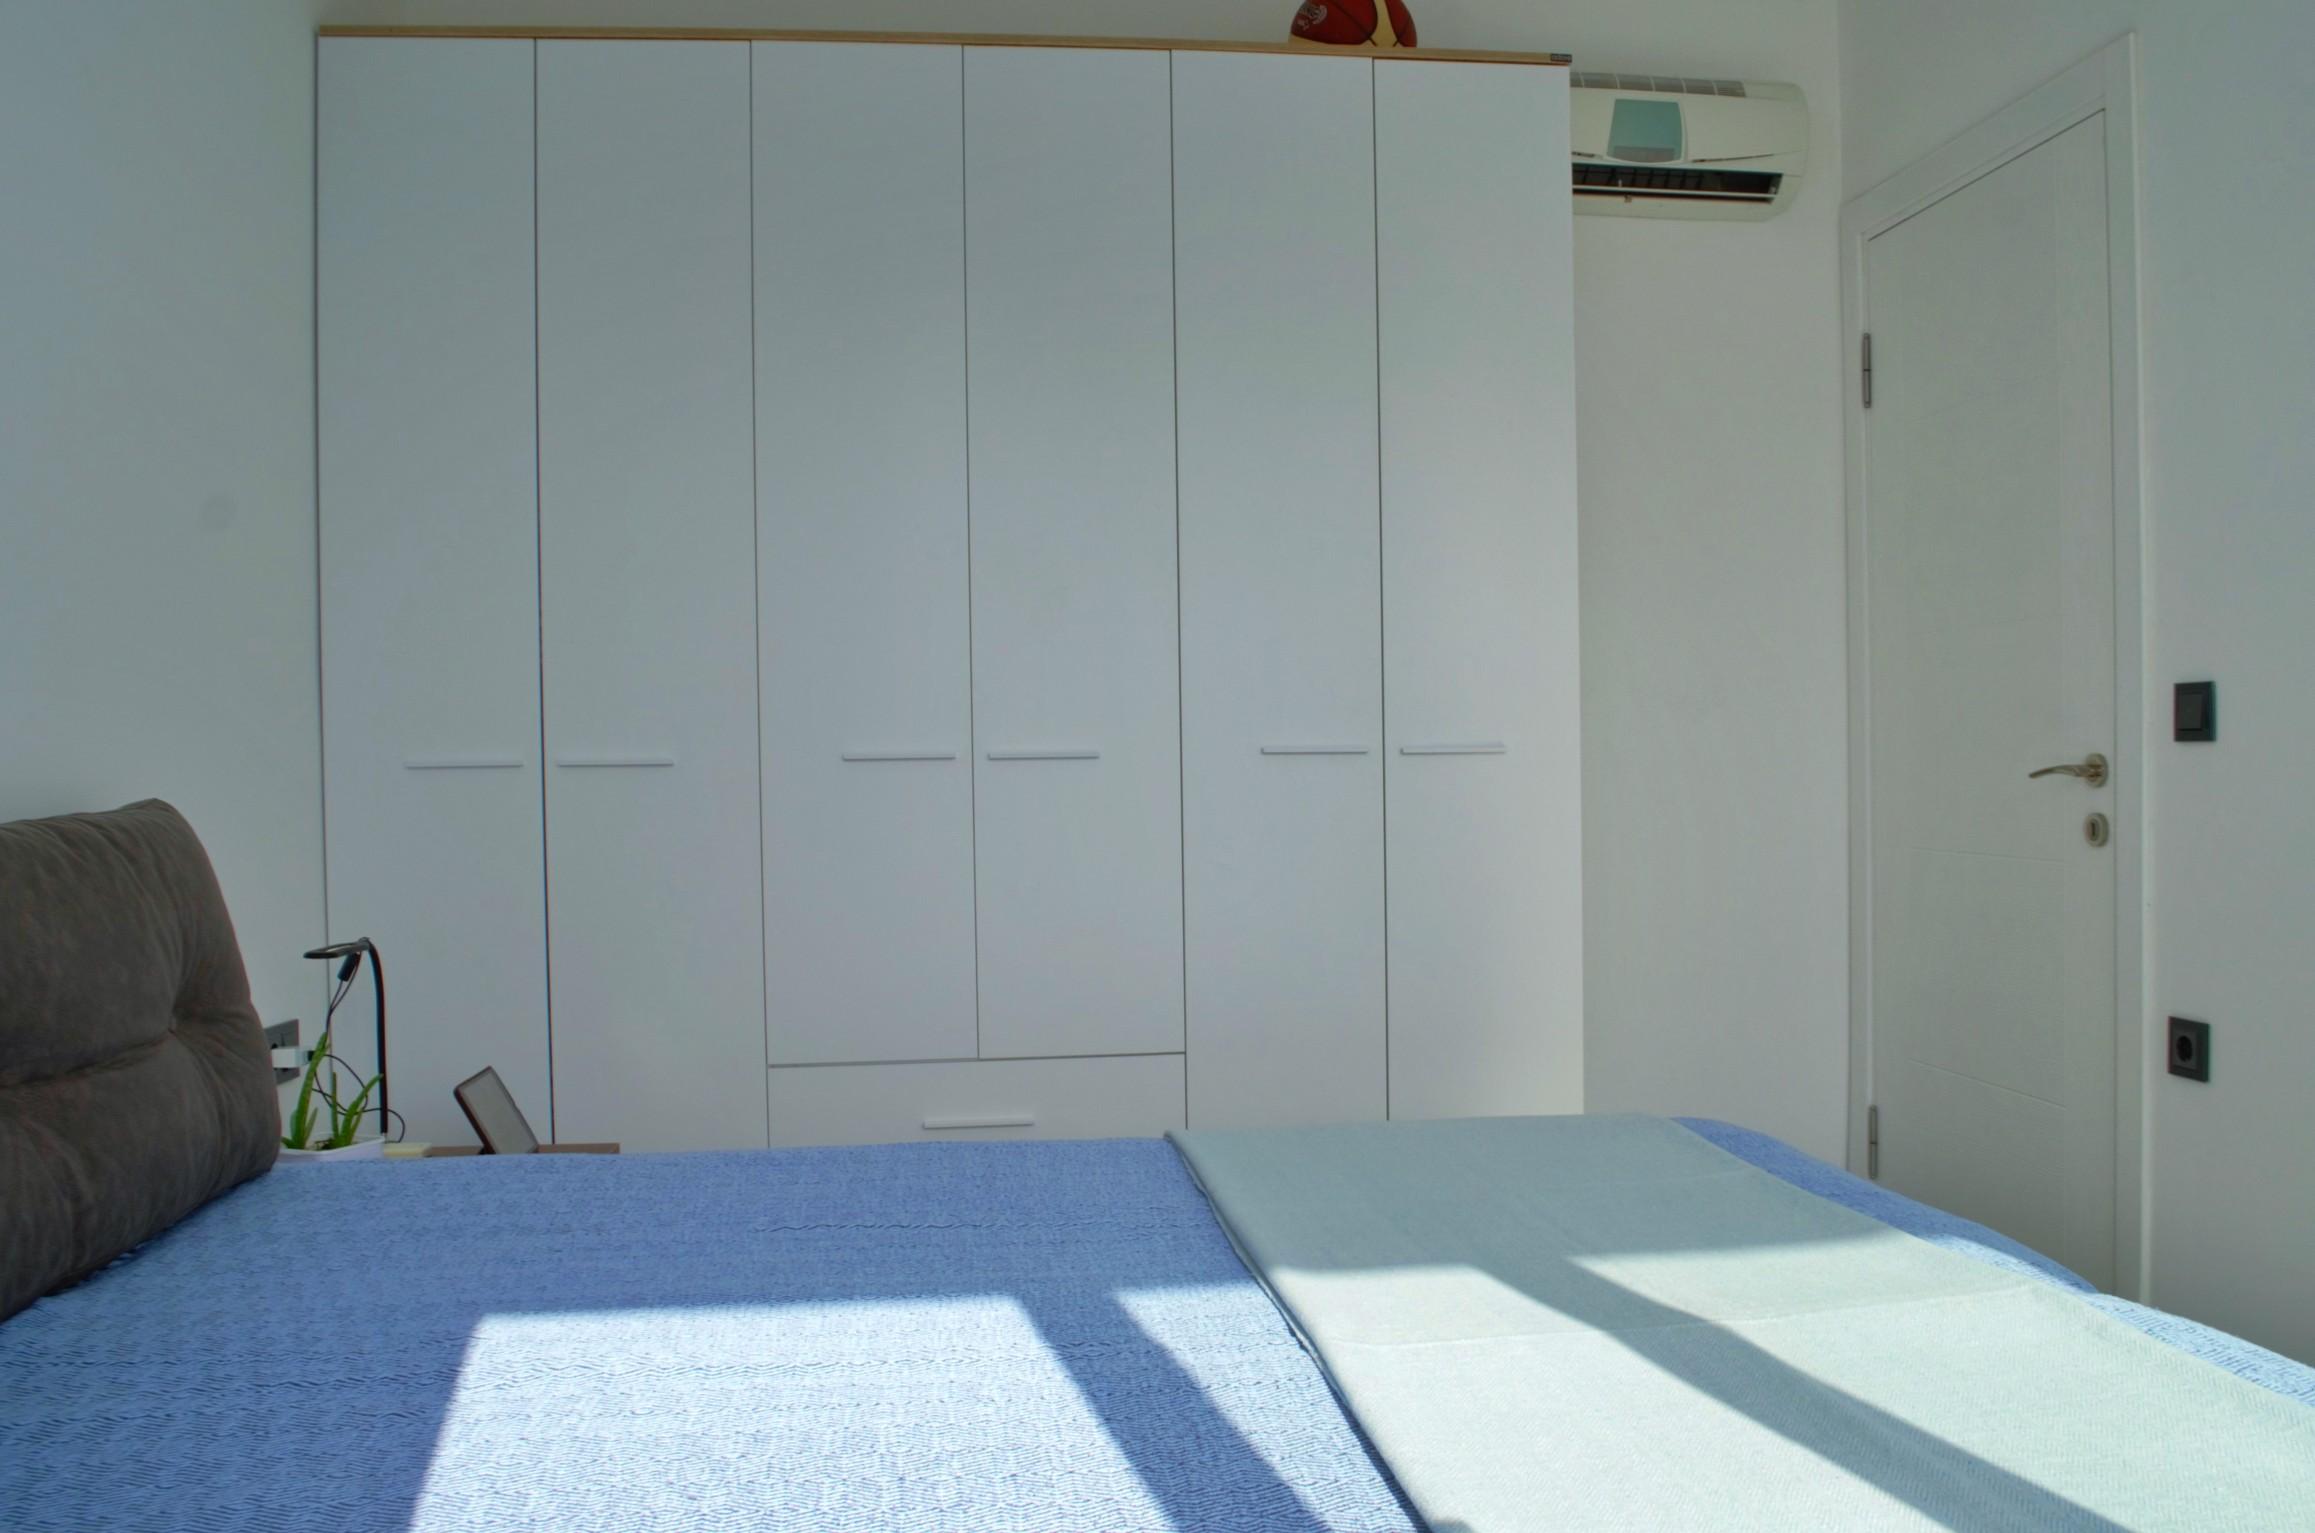 Меблированная квартира 1+1 в комплексе с инфраструктурой - Фото 19